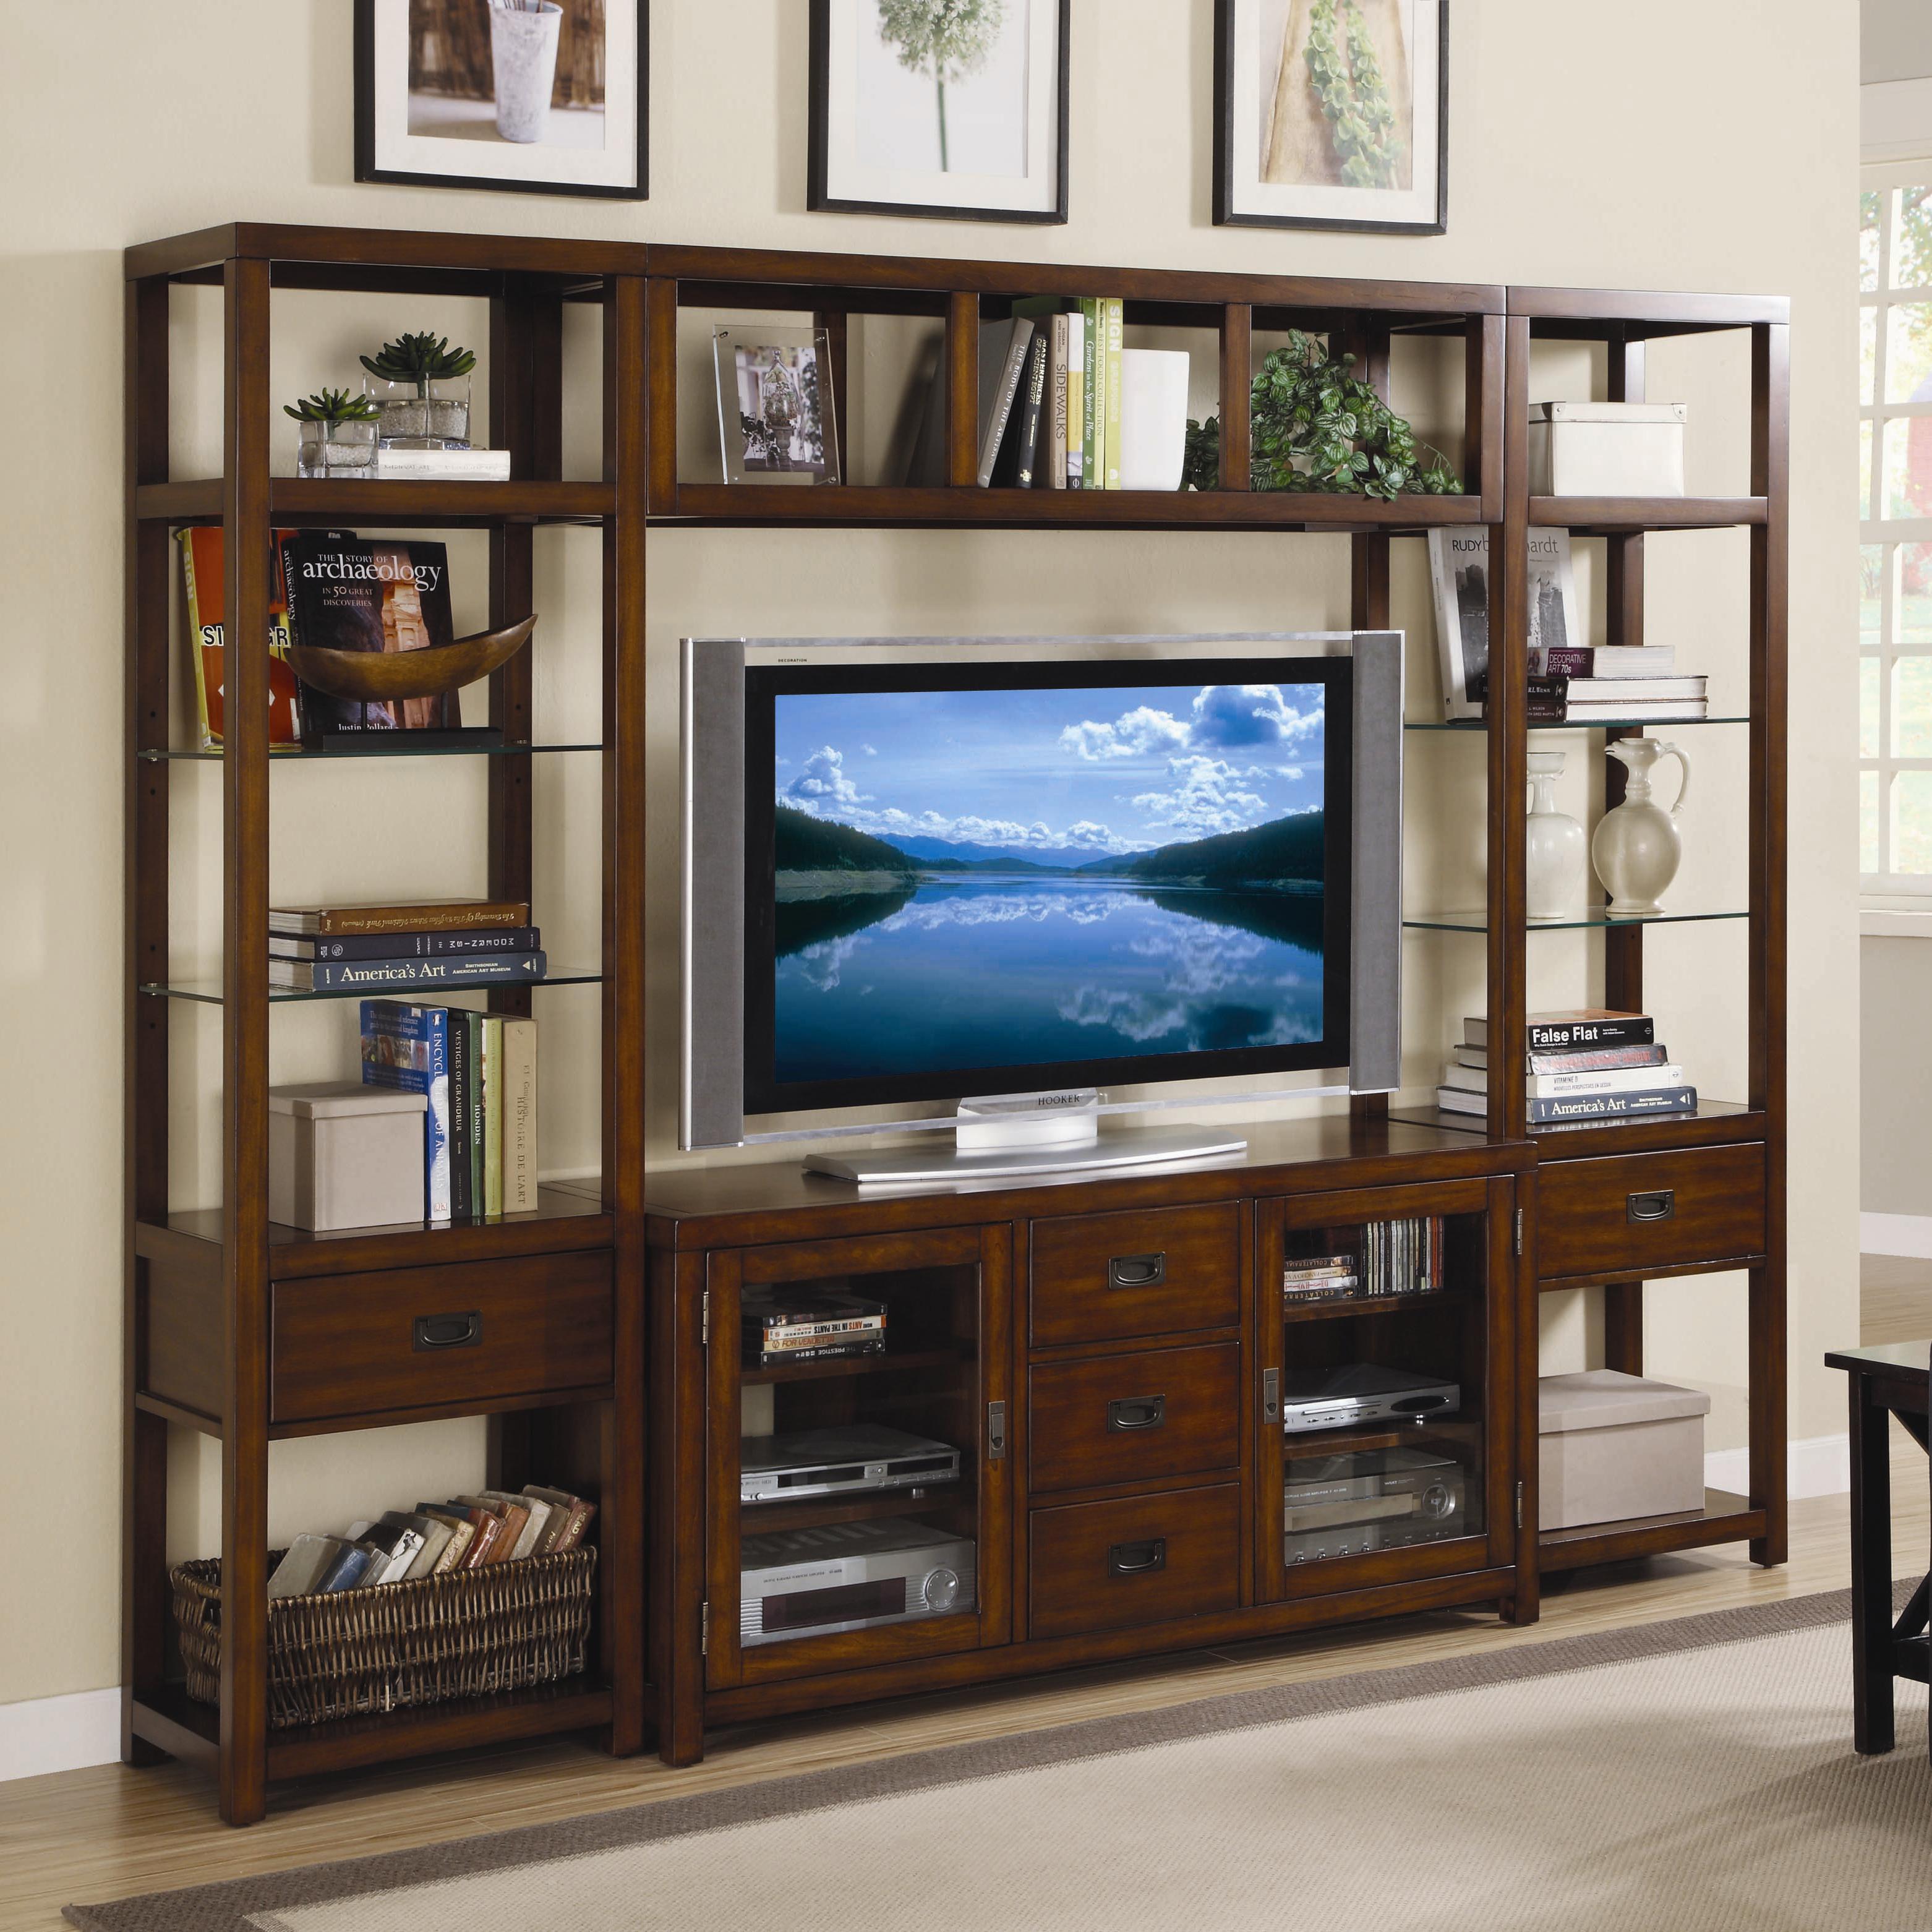 wall units hooker furniture danforth wall unit - item number: 388-70-641+2x450 DRAIRGF